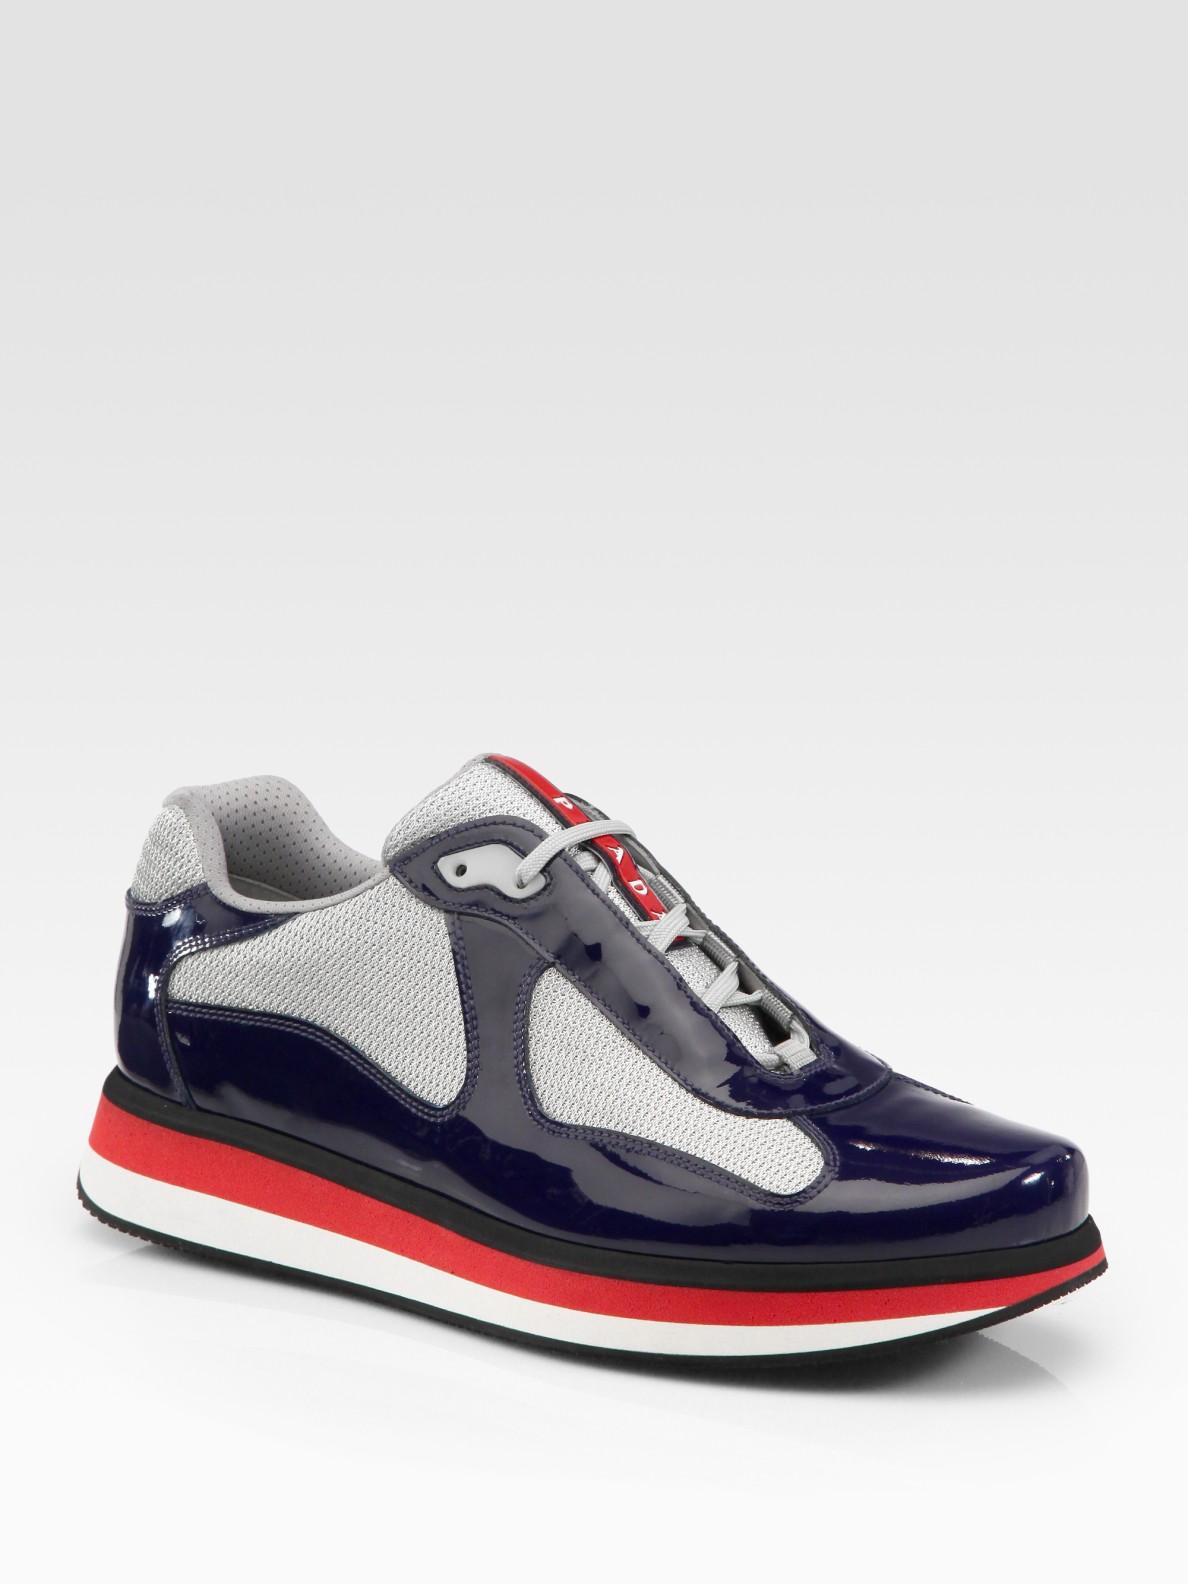 Prada Shoes Mens